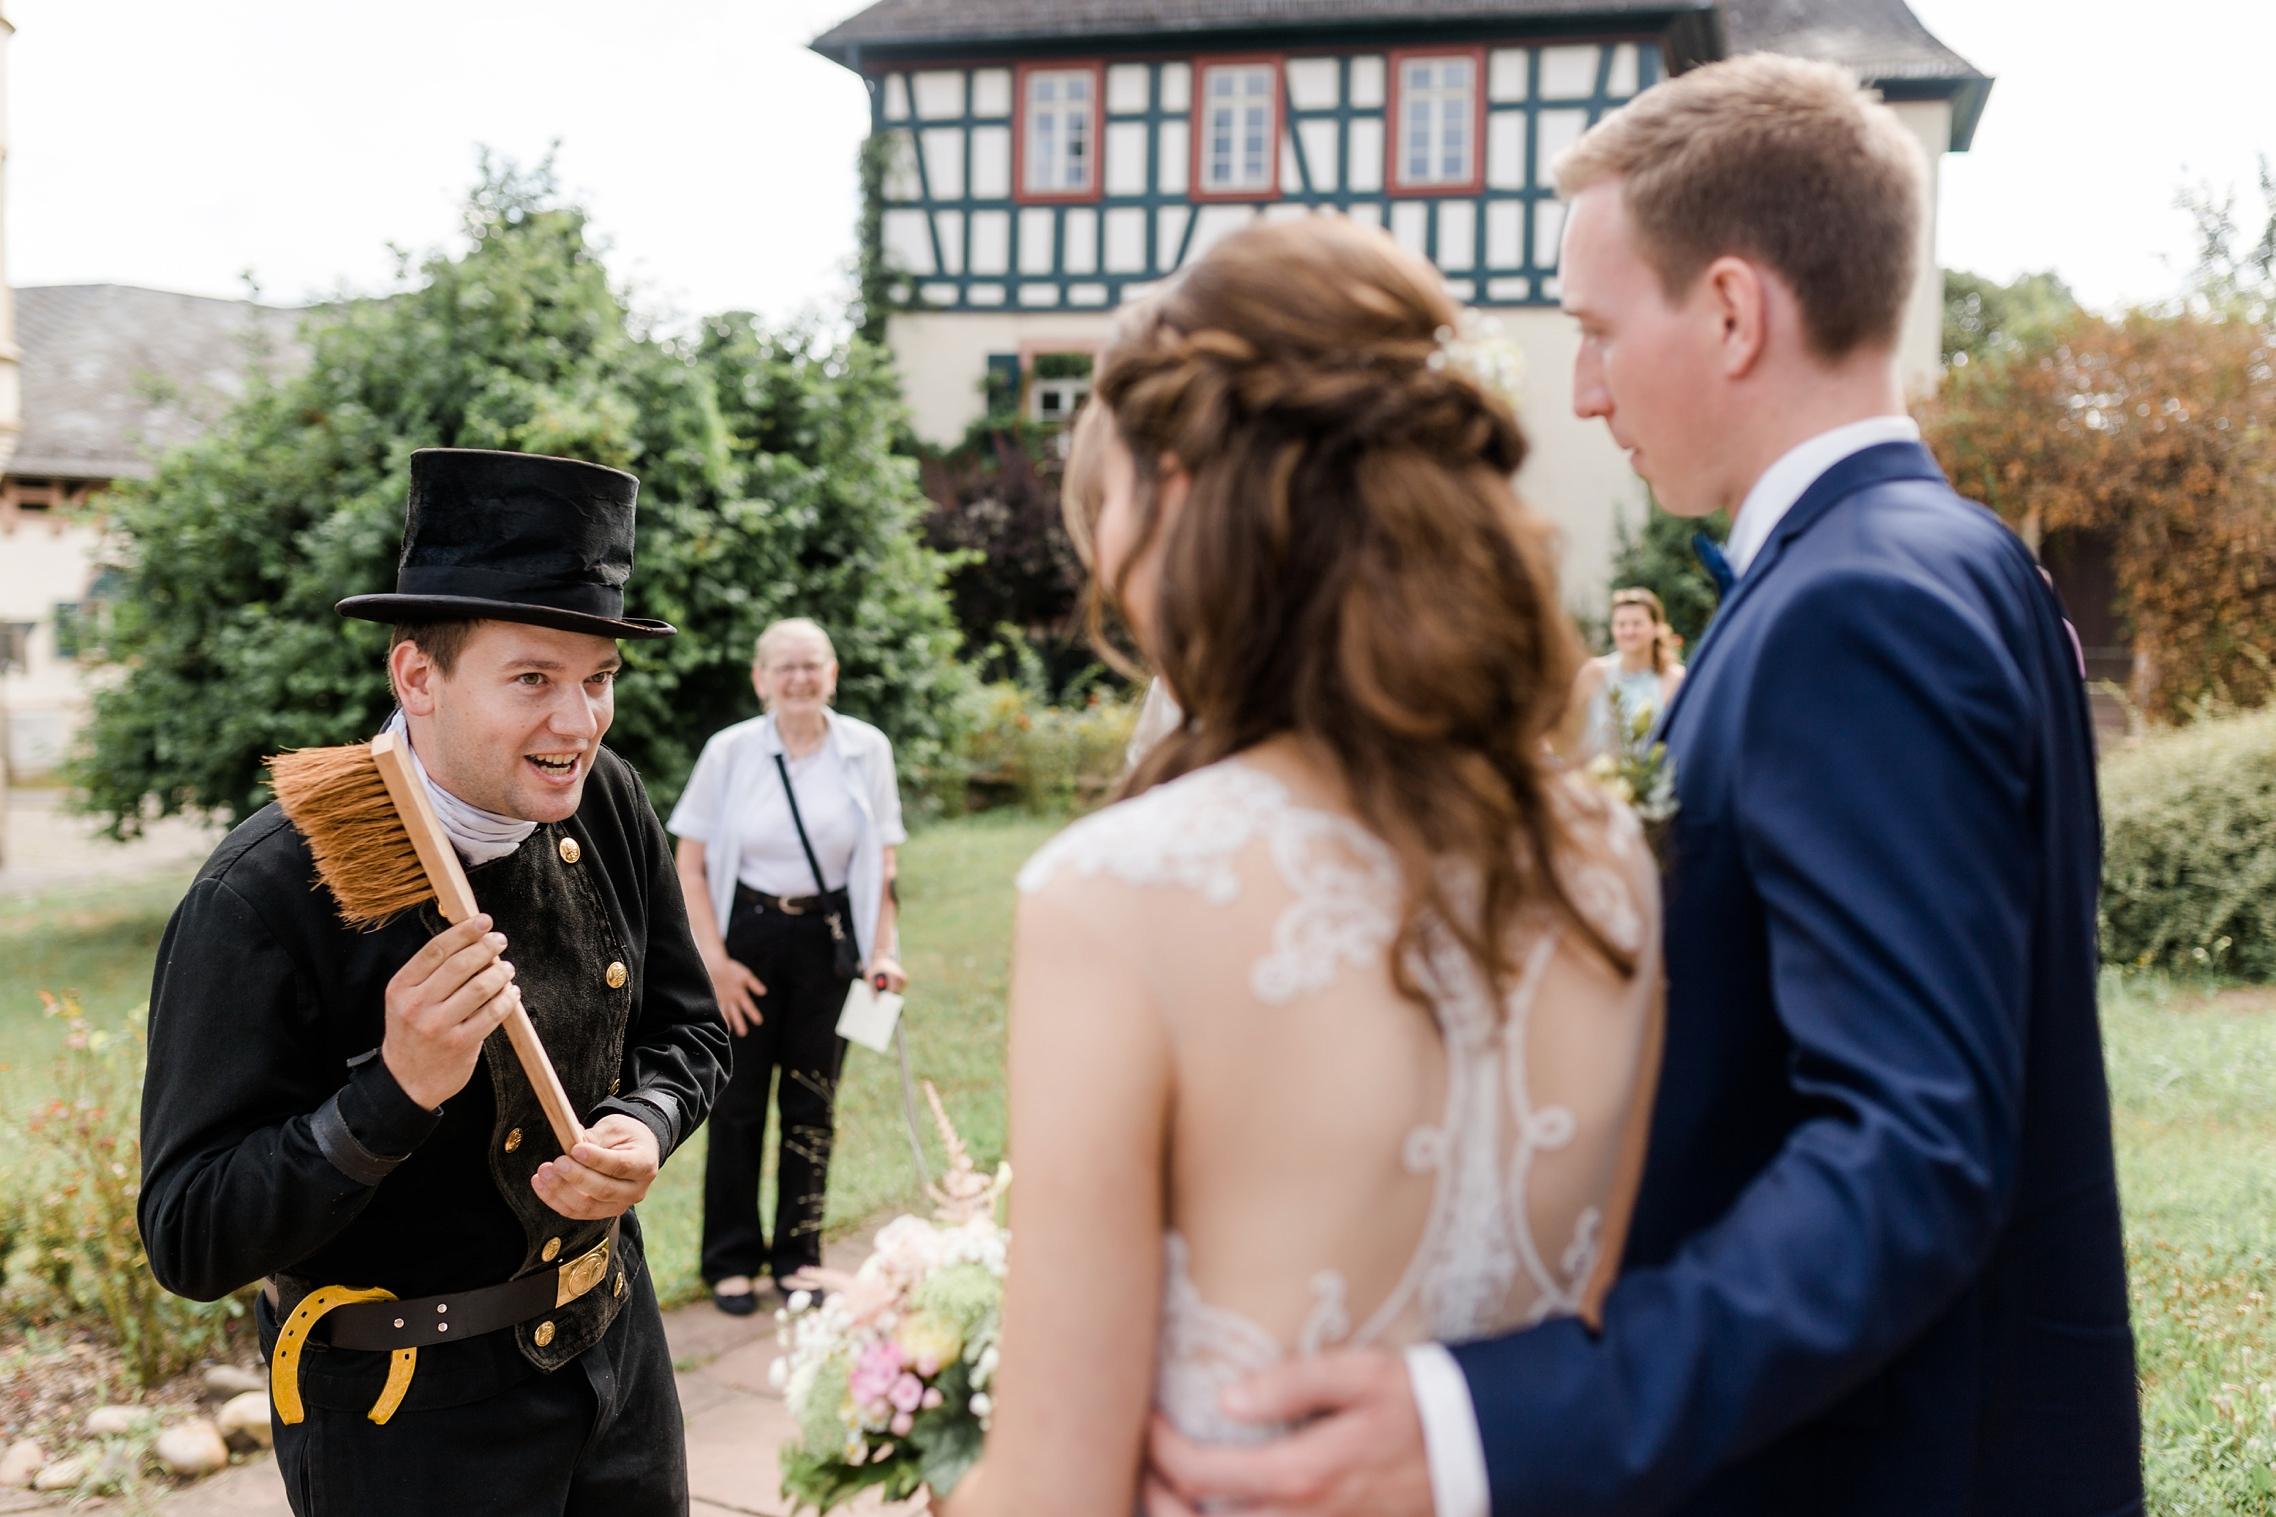 Ein Schornsteinfeger wünscht dem Hochzeitspaar viel Glück und übergibt verschiedene Gegenstände.